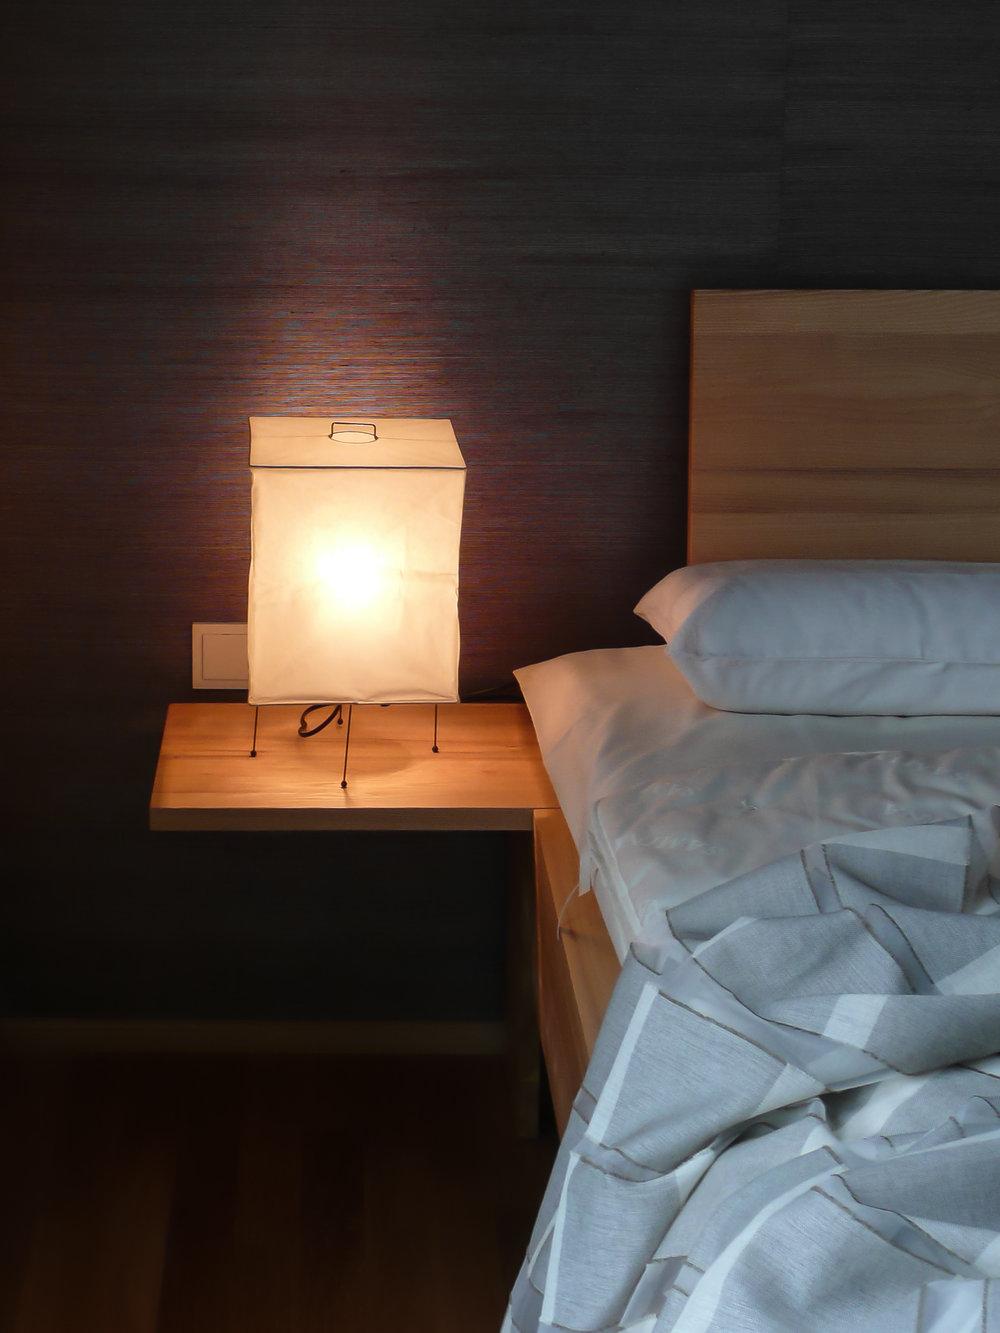 bd-innenarchiektur-barbara-dimmig-Eifel-Badezimmer-Schlafzimmer-Detail